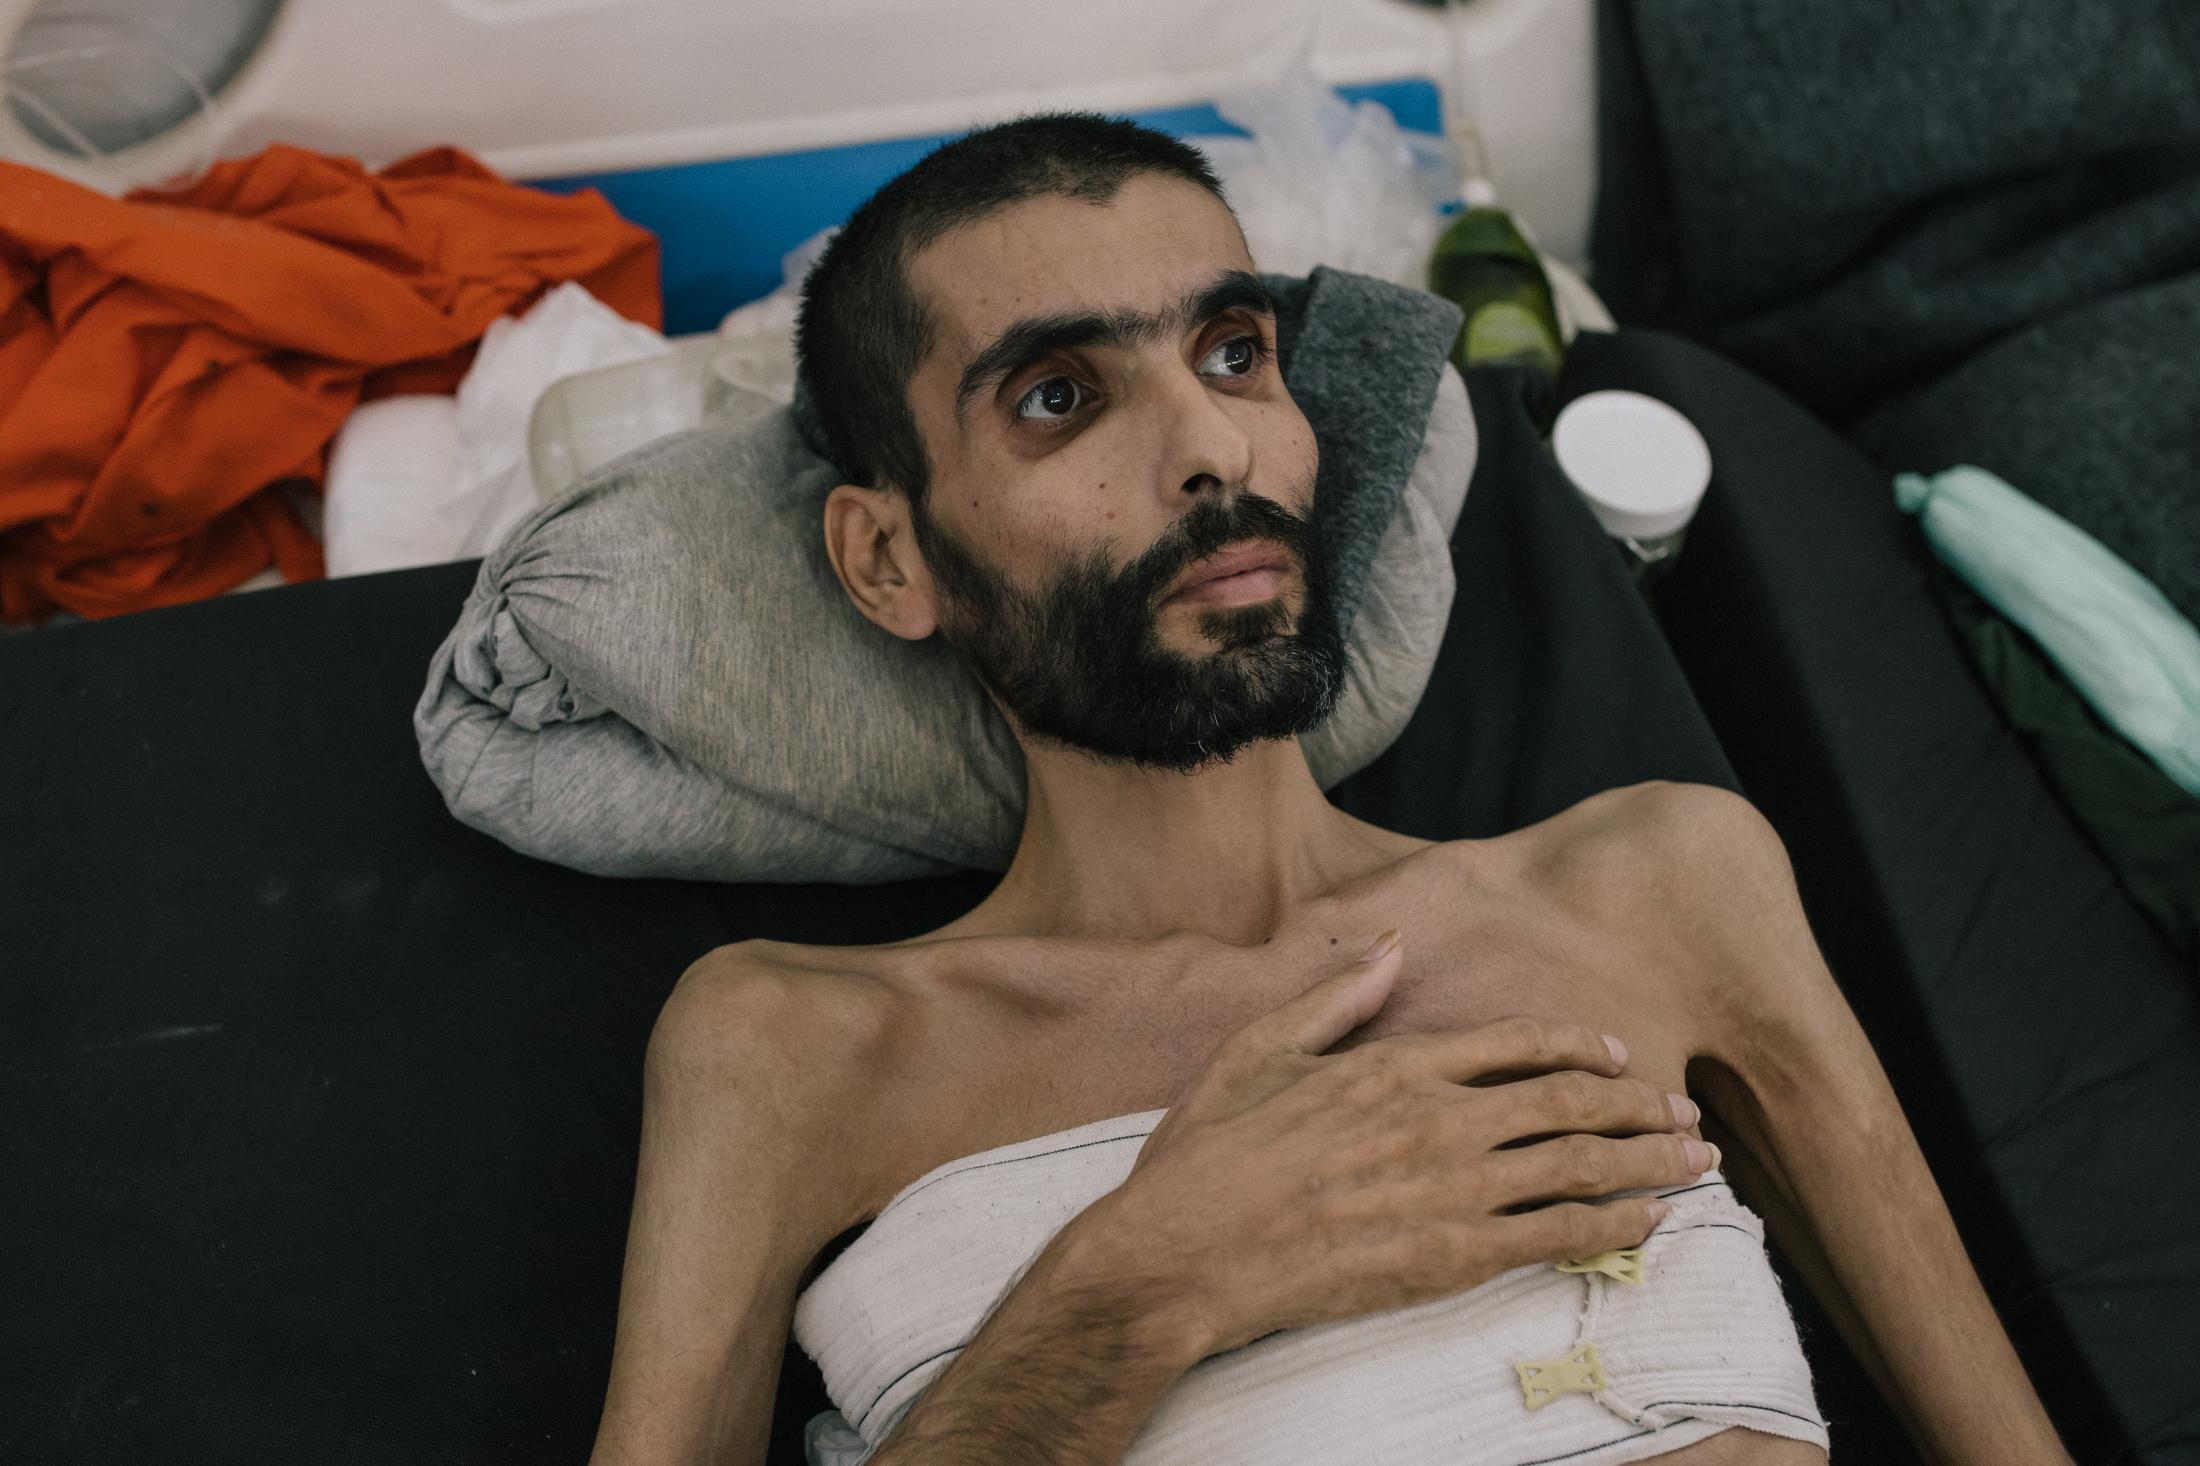 Le 30 octobre 2019, Hassake, nord est syrien. Envion 5000 prisonniers supposés membres de l'Etat islamique vivent dans cette université transformée en prison. Entre 100 et 200 détenus dans chaque salle de classe. La prison est ouverte depuis 4mois au moment de cette photo. Elle est surpeuplée. Les prisonniers sont considérés comme les plus radicaux et vivent dans des conditions difficiles. Cette pièce servait sans doute de grand réfectoire. elle se situe au rez d chaussé, et accueille tous les malades et mourrants. Les plus chanceux ont un lit, comme cet homme qui souffre de malnutrition et probablement de maladie.